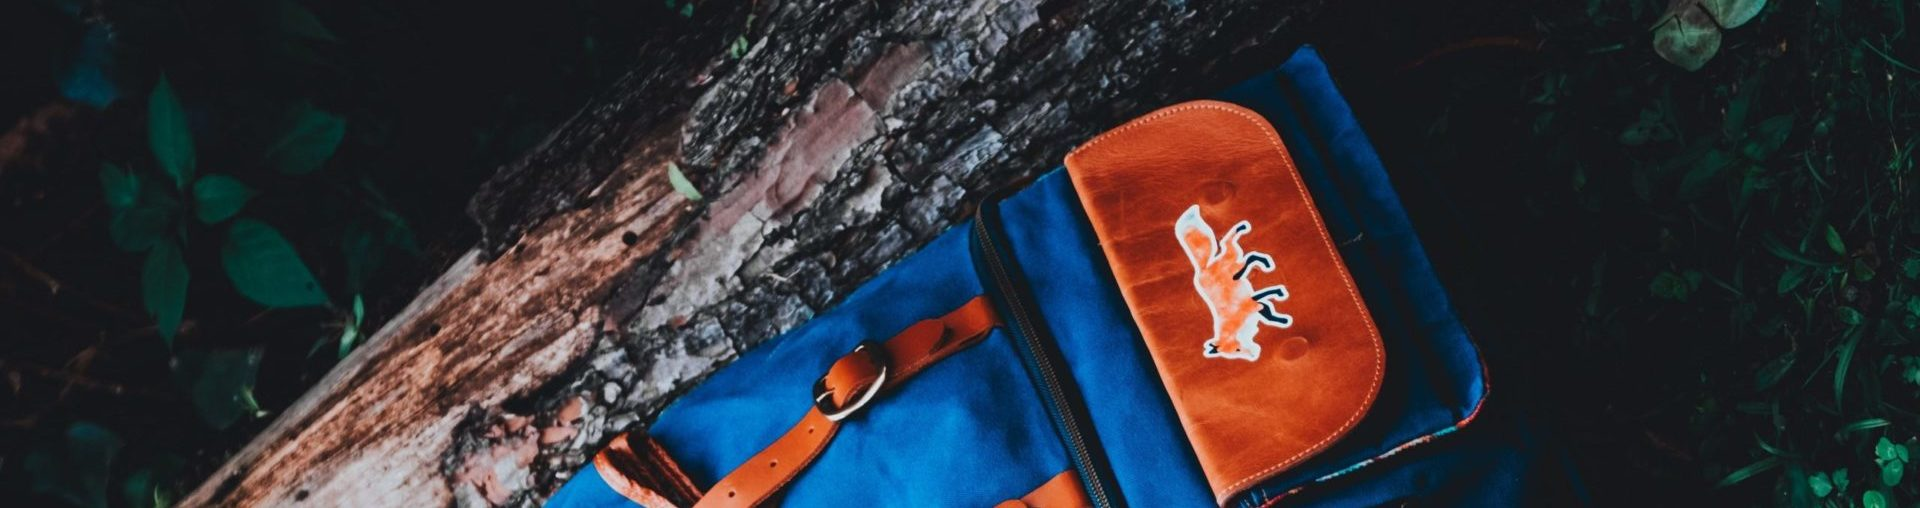 sastavite svoje putovanje grand kamp tara